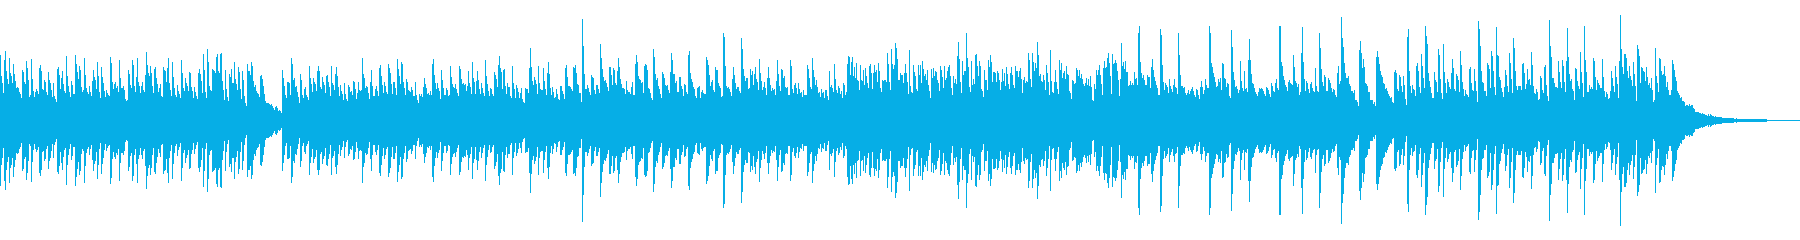 前向きで少し不思議切ないピアノ曲の再生済みの波形